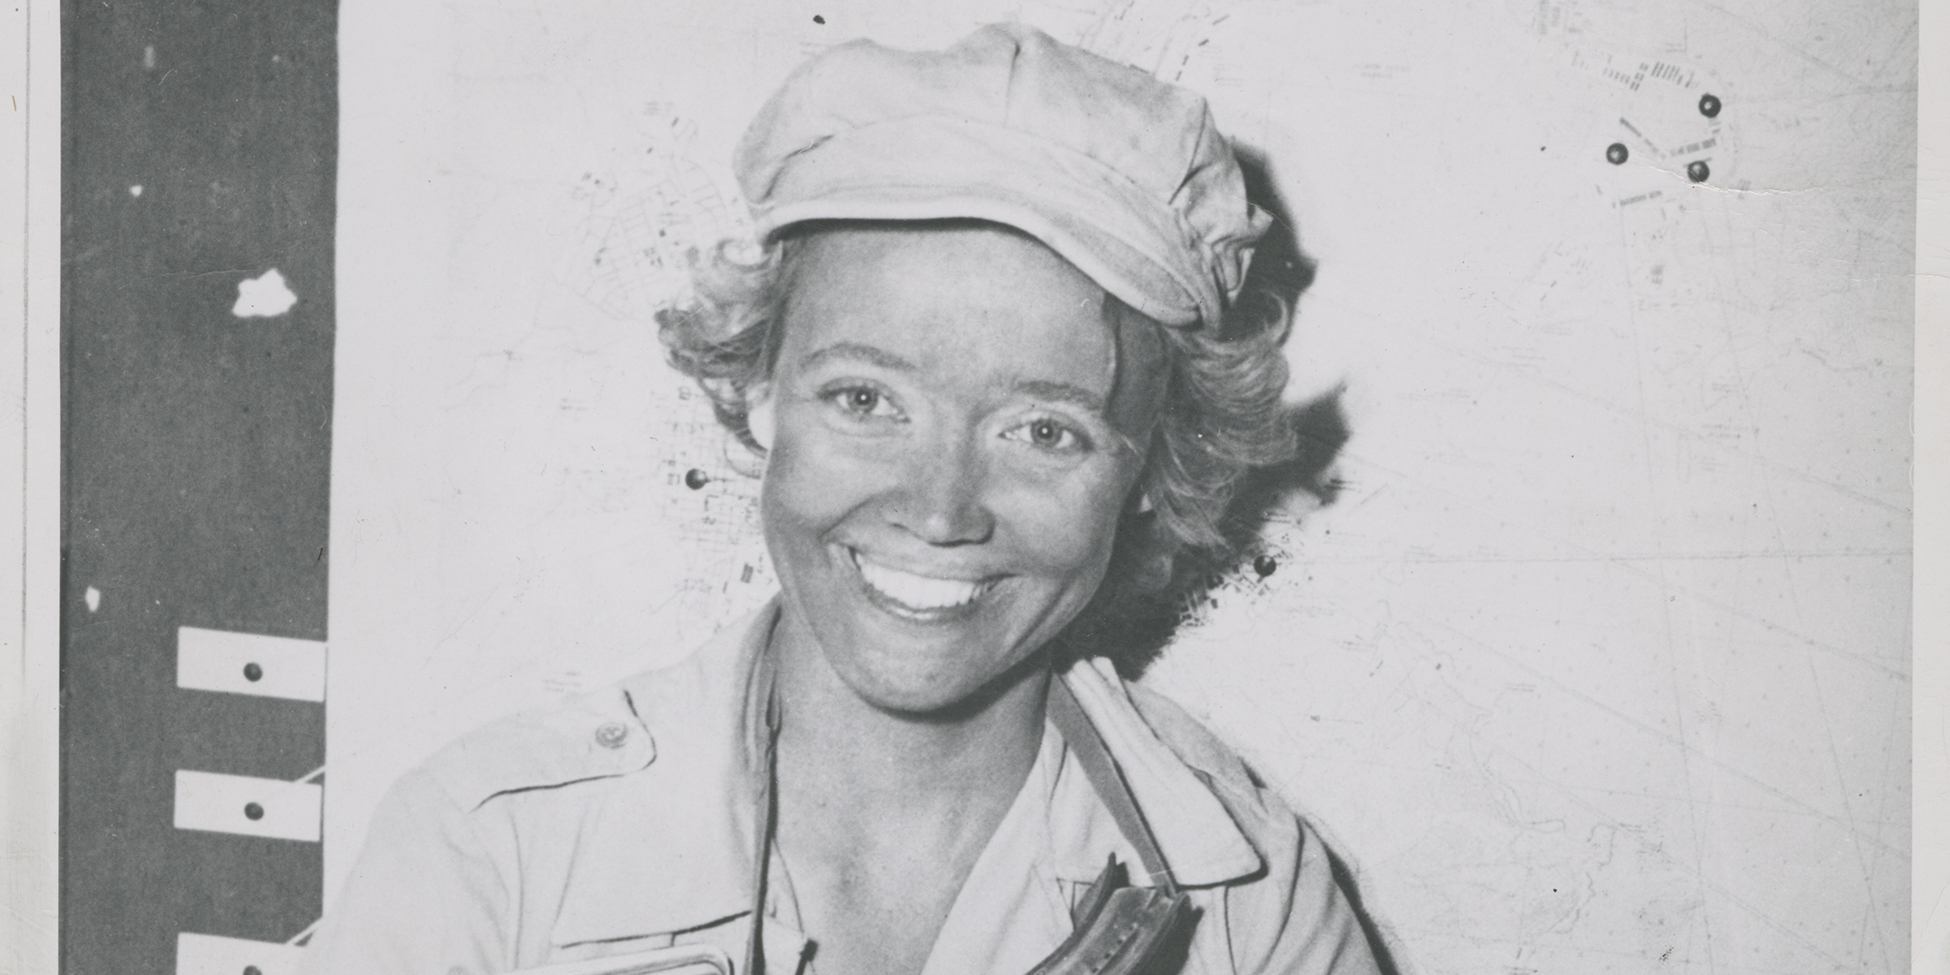 Marguerite Higgins smiling